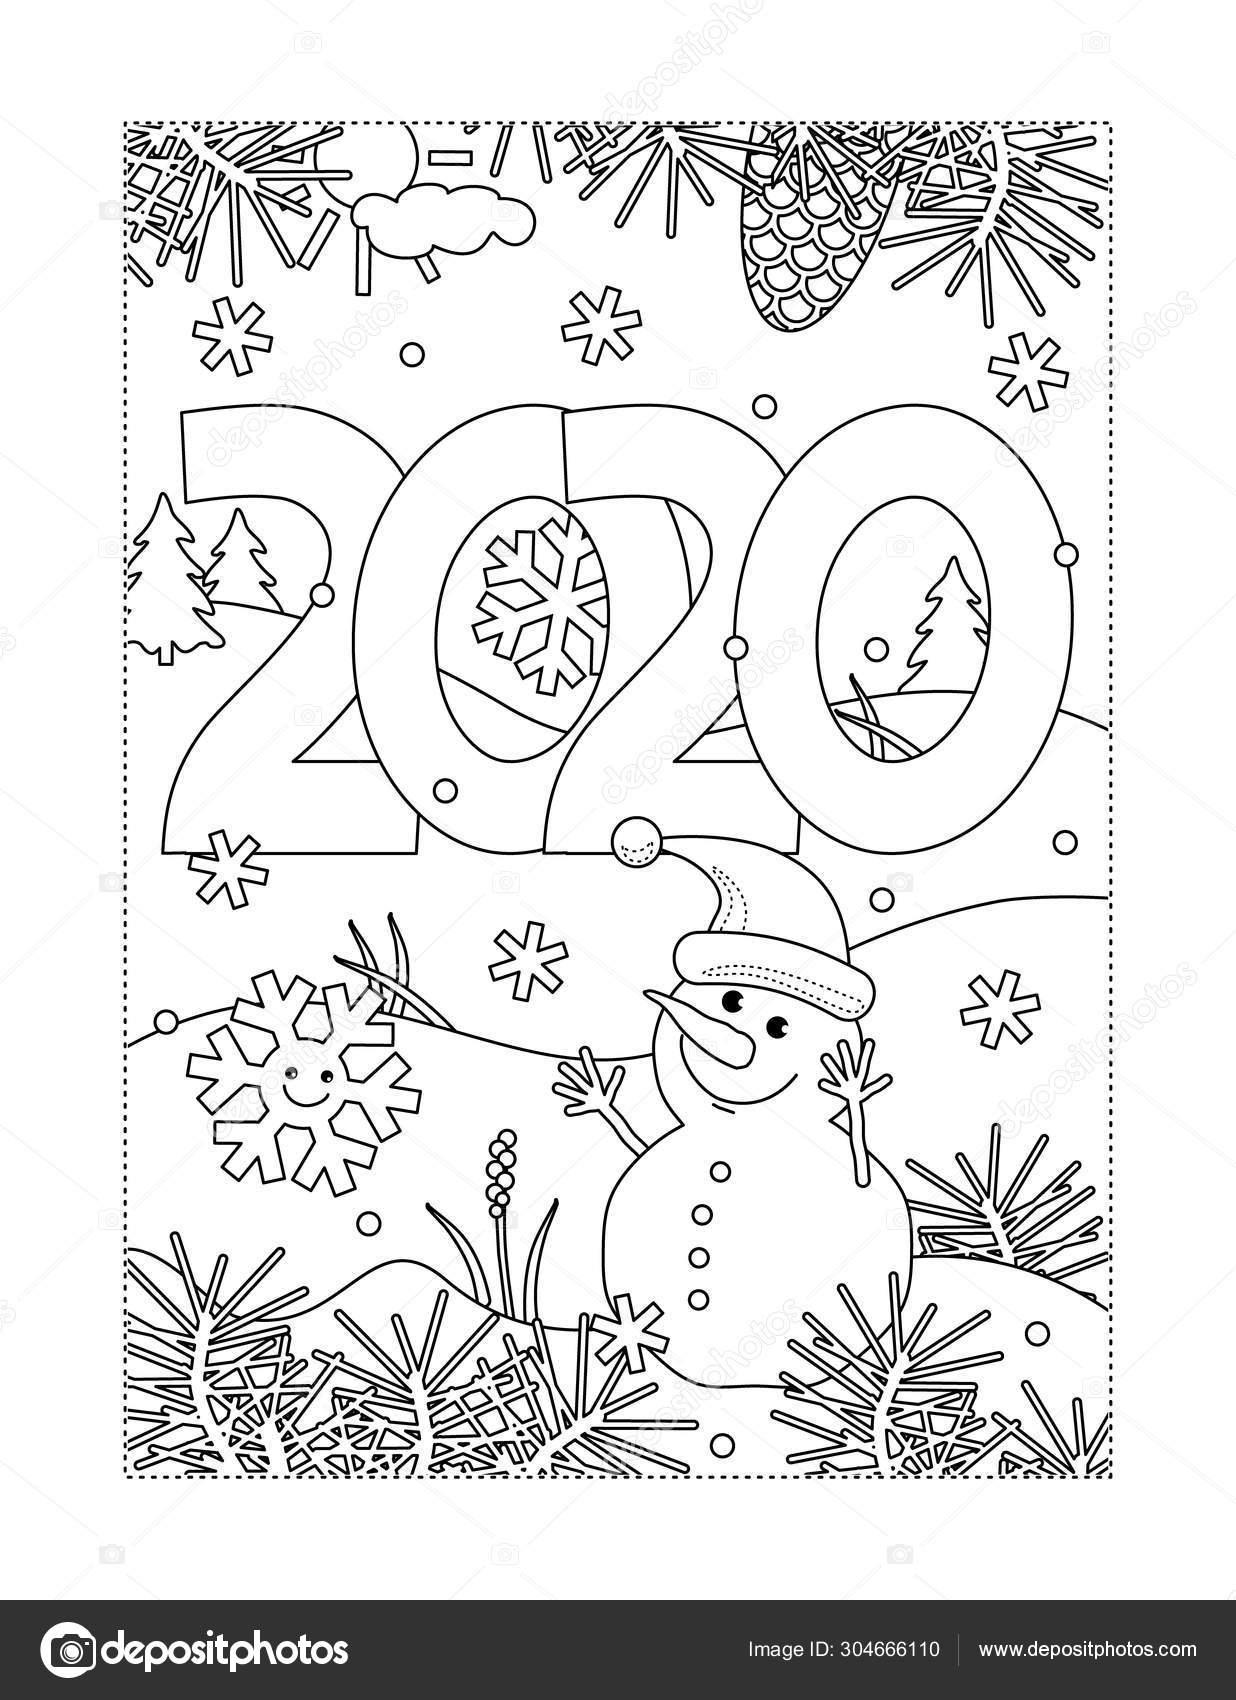 Kleurplaten Van Kerstmis Nieuwjaar.Winter Vakantie Nieuwjaar Kerst Vreugde Kleurplaat Met Jaar